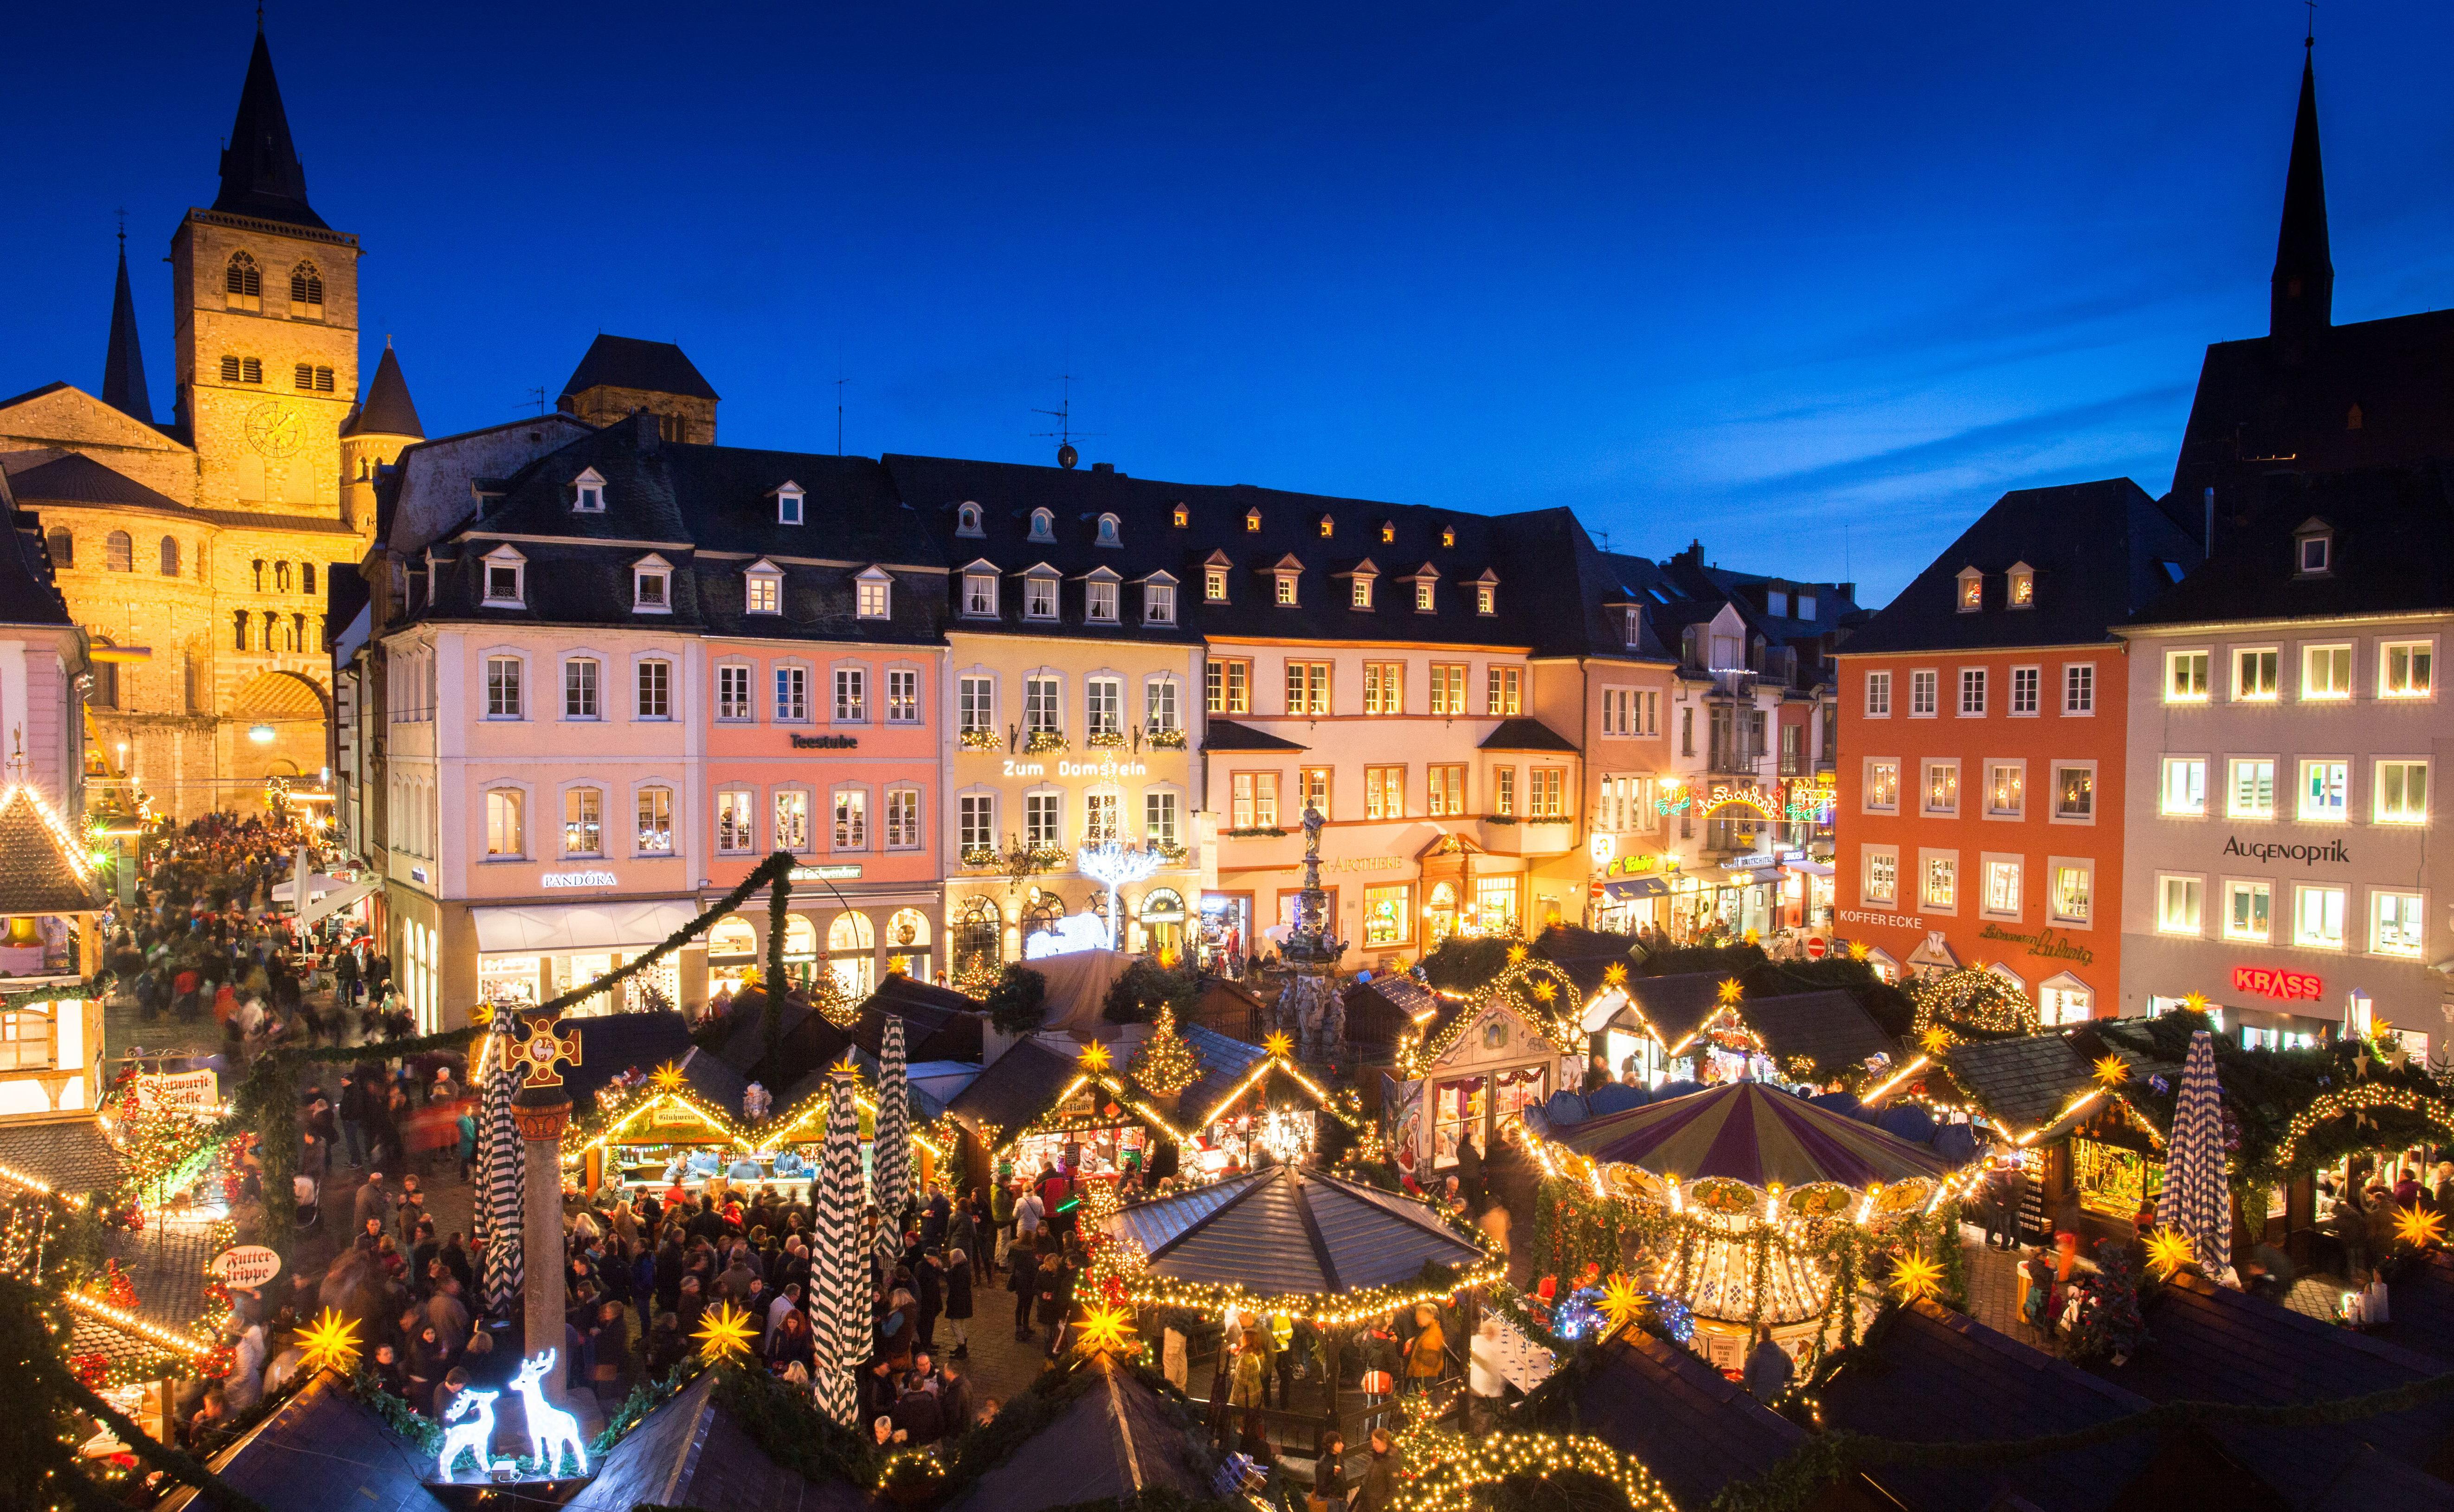 Weihnachtsmarkt In Trier.Trierer Weihnachtsmarkt Presse